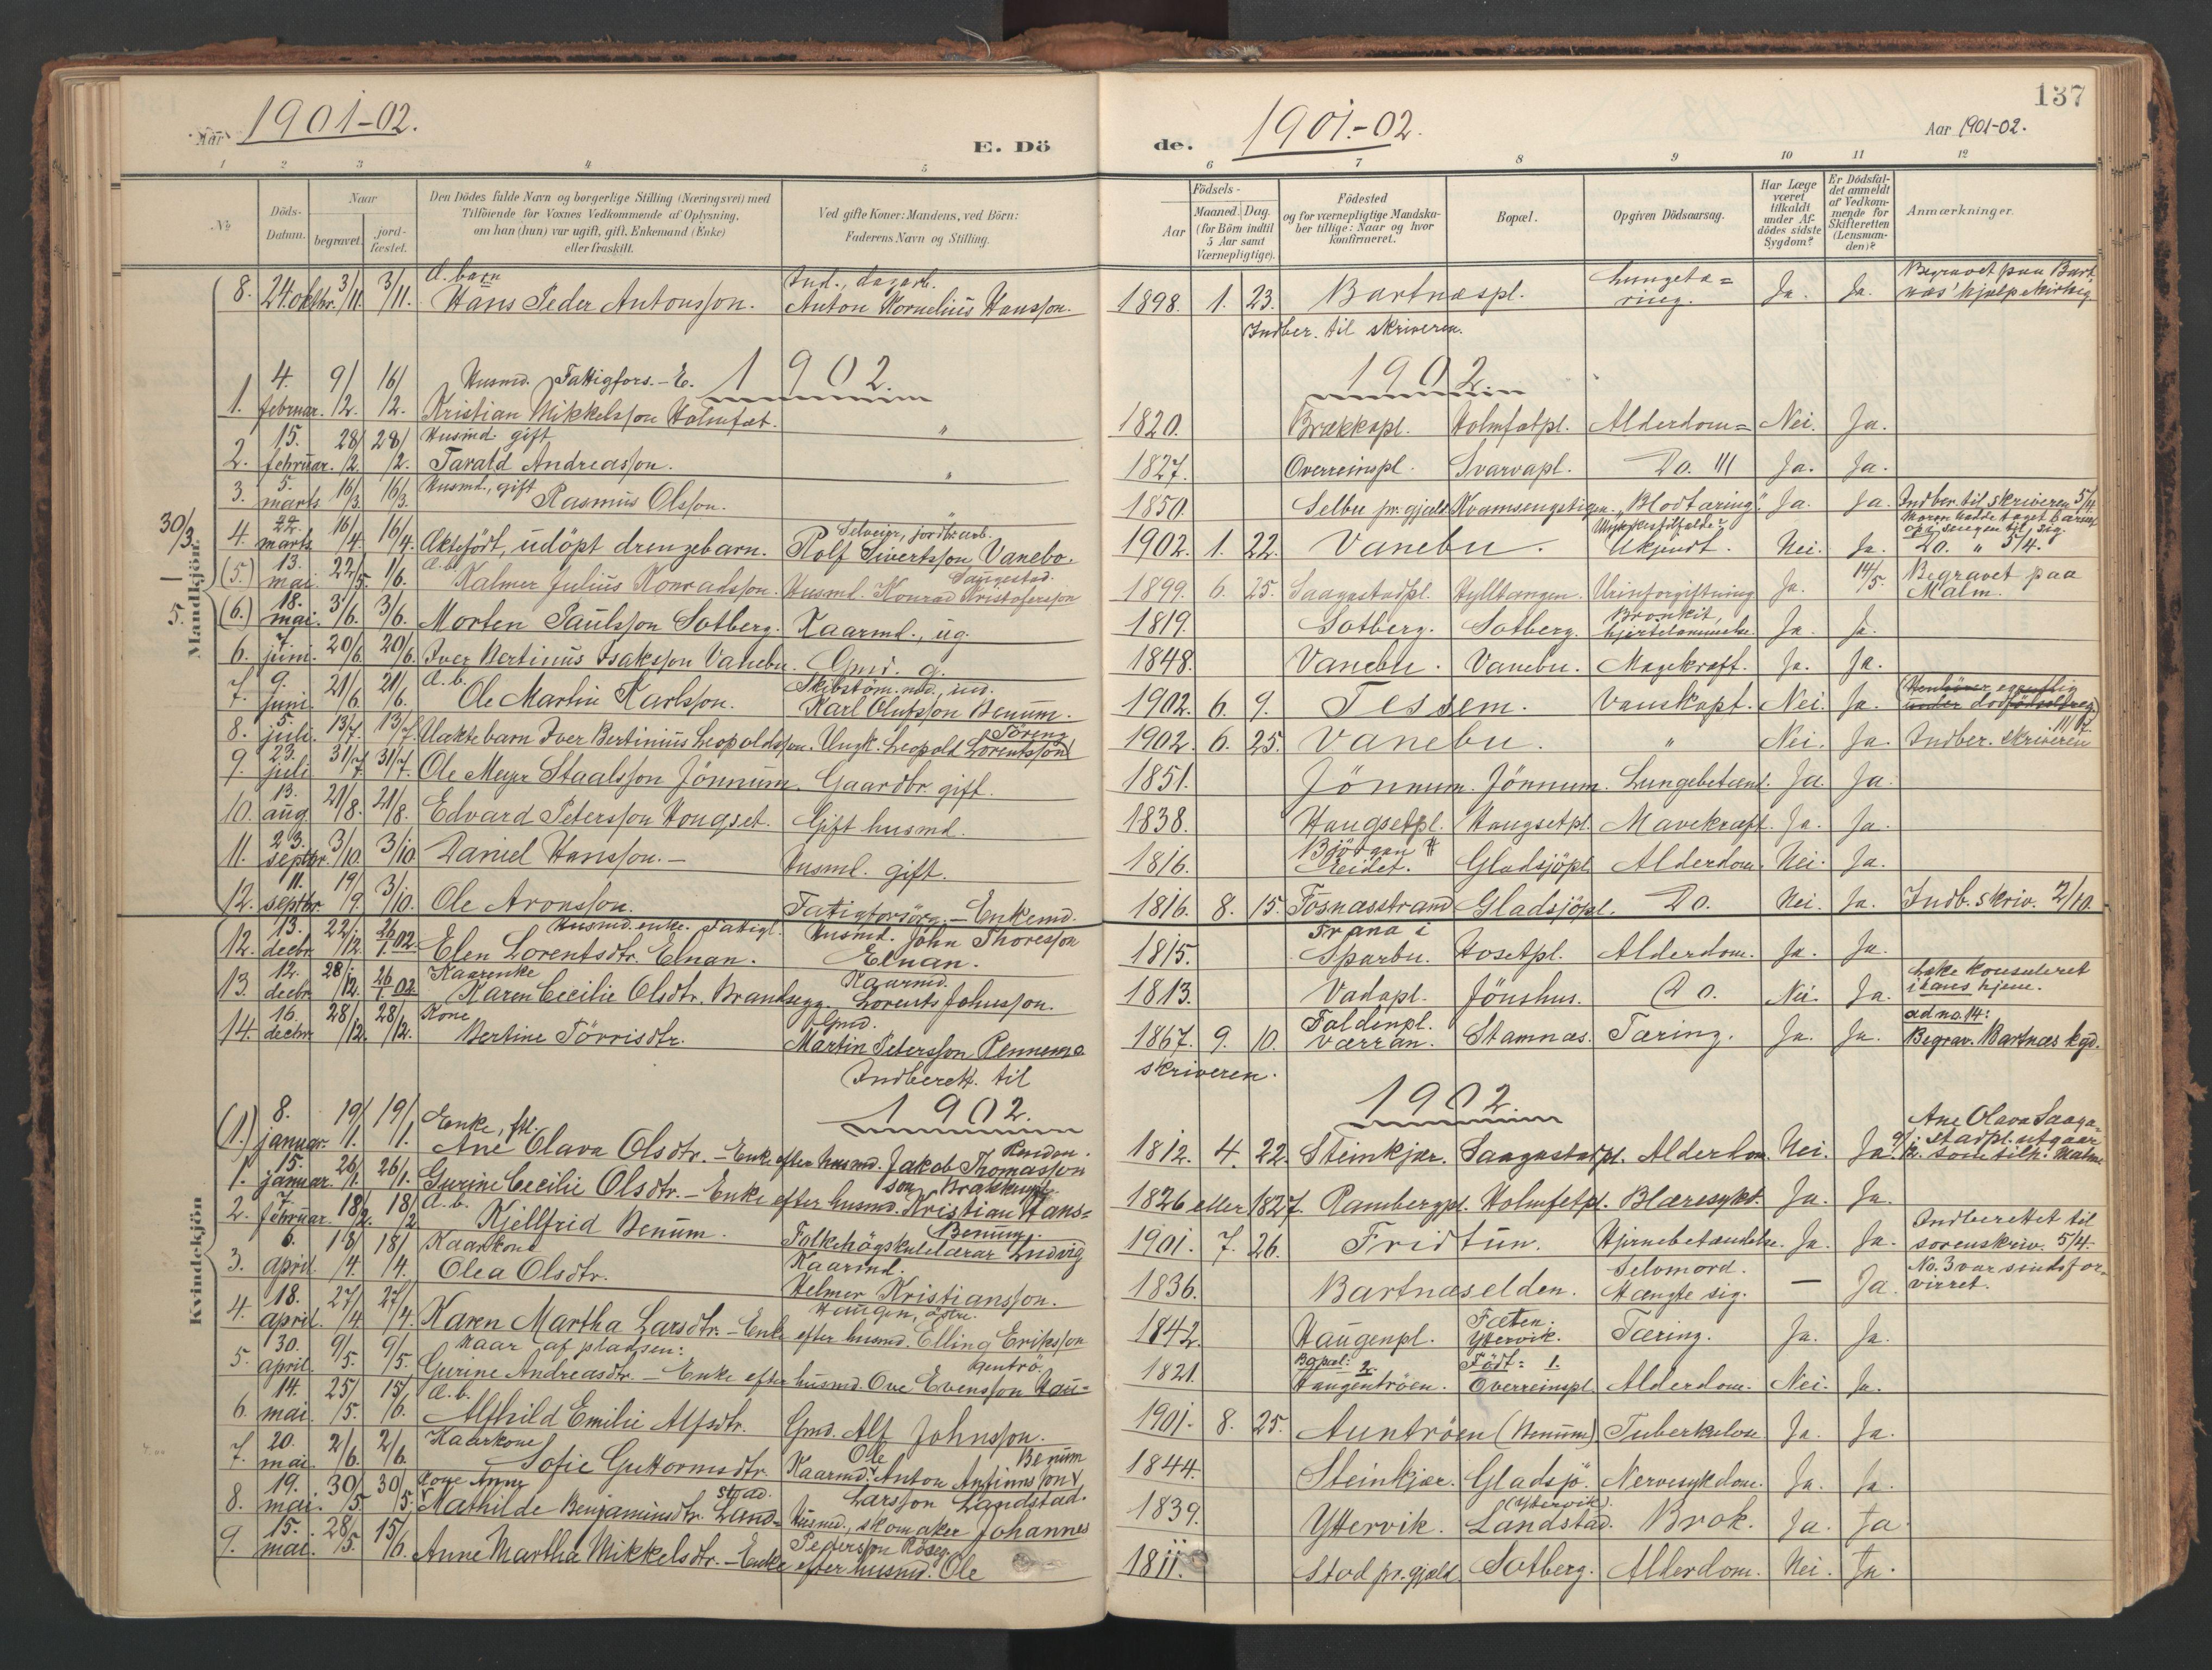 SAT, Ministerialprotokoller, klokkerbøker og fødselsregistre - Nord-Trøndelag, 741/L0397: Ministerialbok nr. 741A11, 1901-1911, s. 137